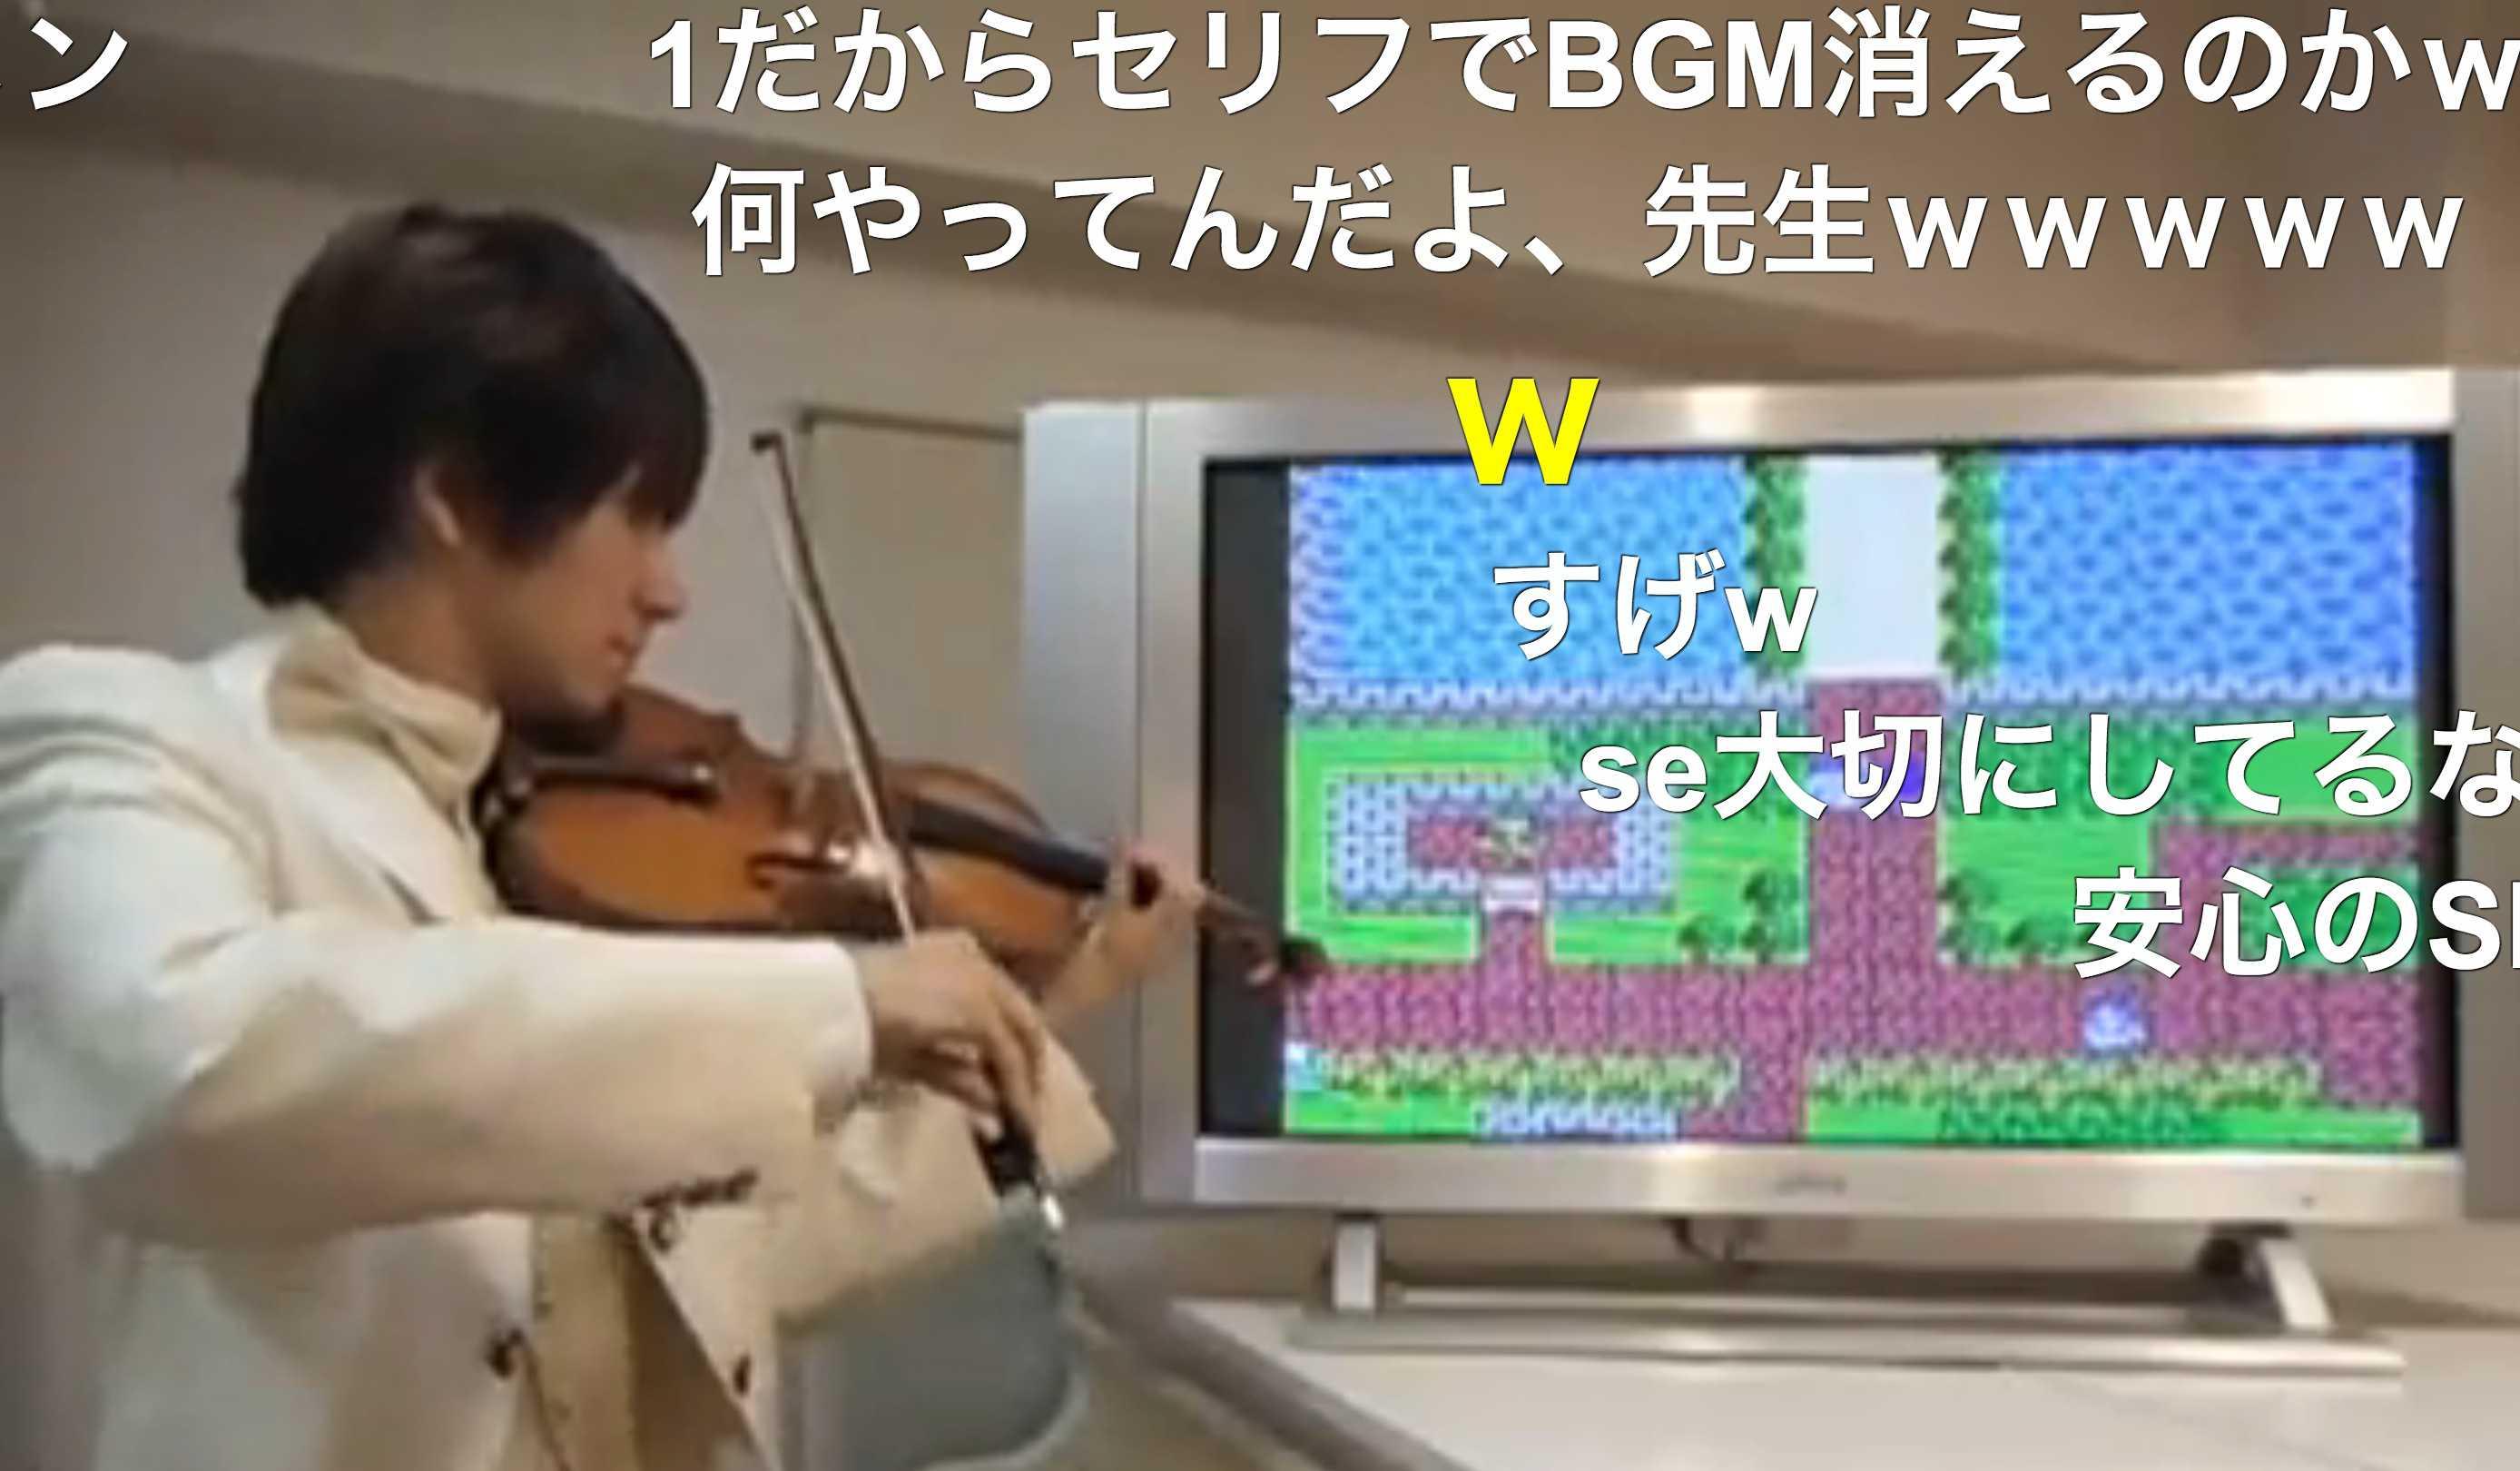 ニコニコ動画でドラゴンクエストの全てをバイオリンで弾ききる、てっぺい先生